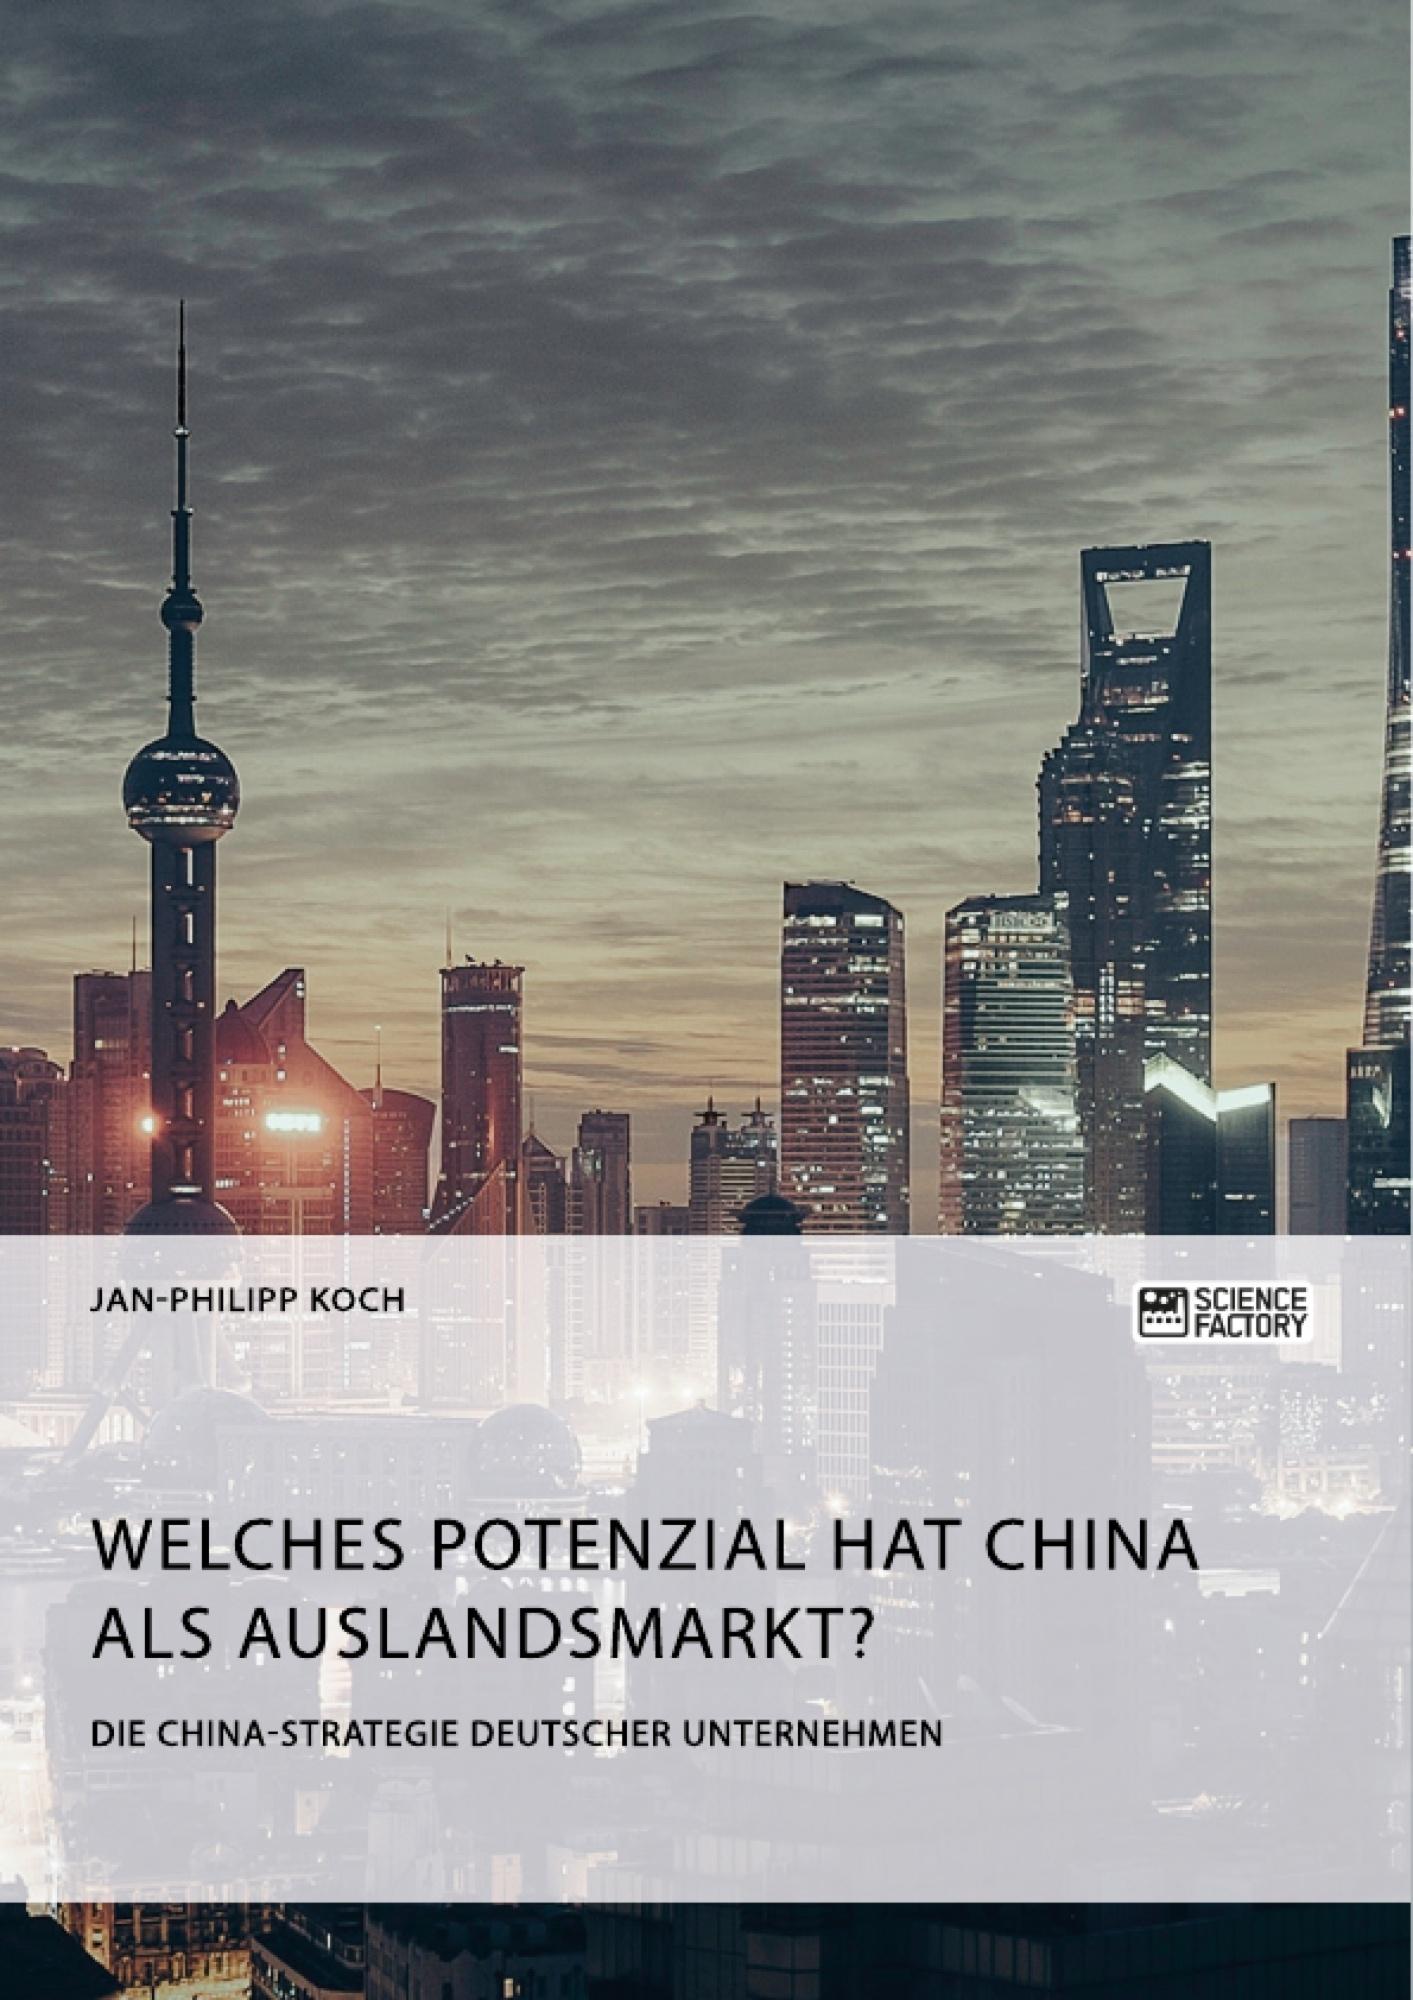 Titel: Die China-Strategie deutscher Unternehmen. Welches Potenzial hat China als Auslandsmarkt?